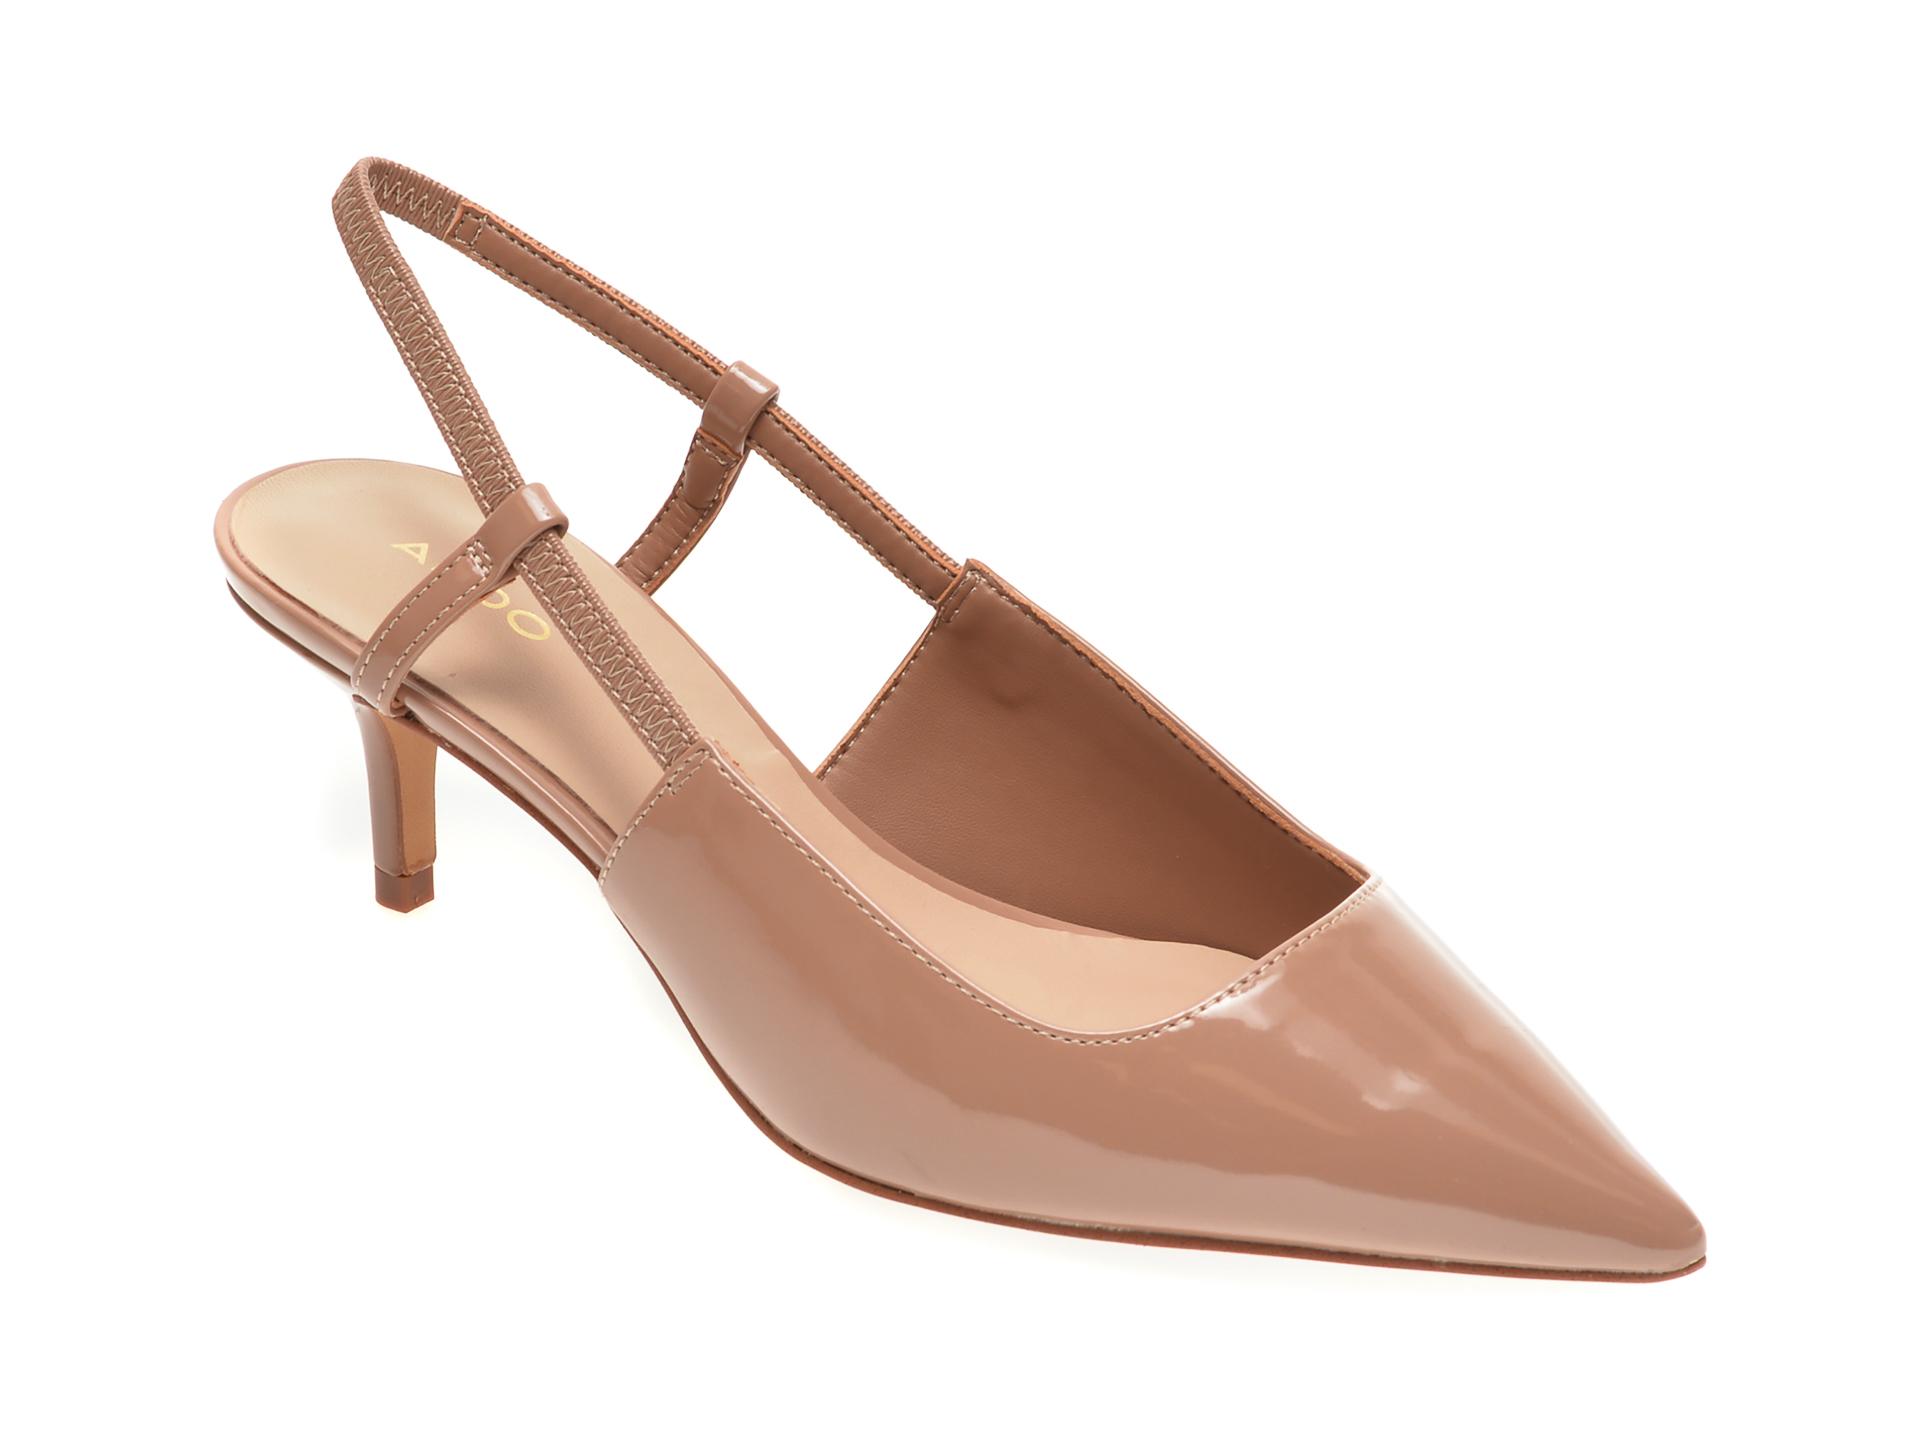 Pantofi Aldo Nude, Melica270, Din Piele Ecologica